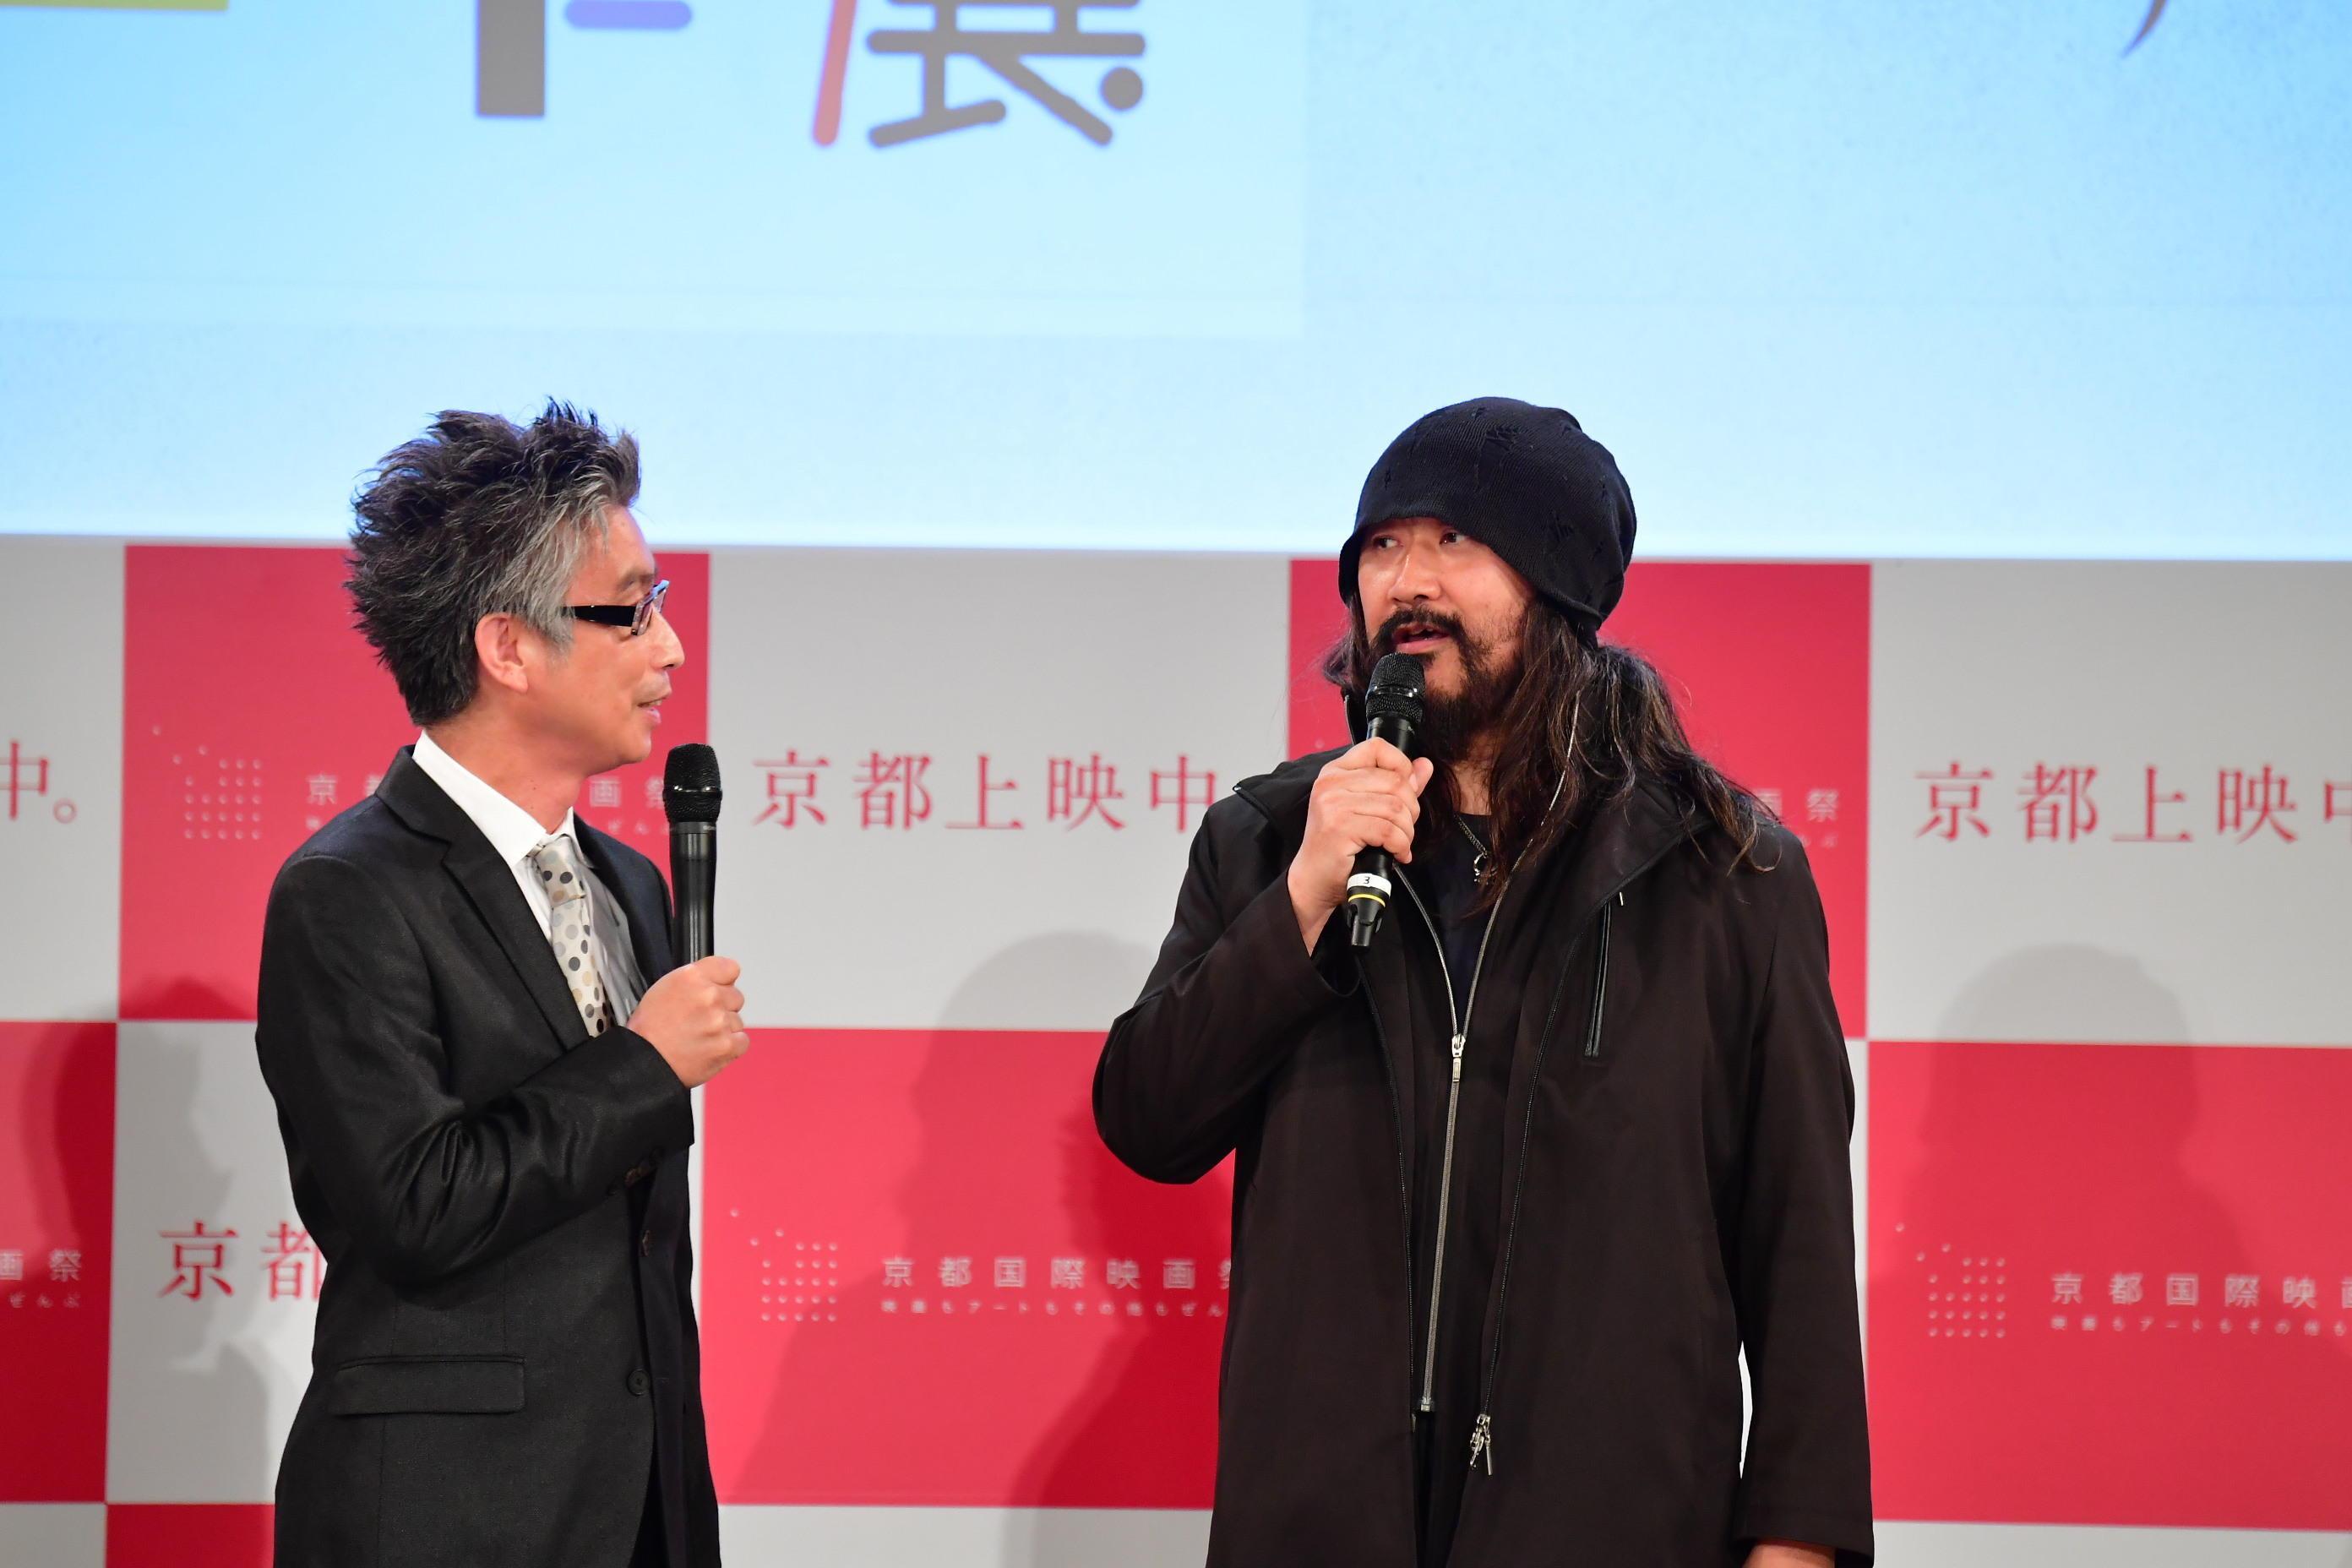 http://news.yoshimoto.co.jp/20180903233745-54f9808ebdd57397c57c2d950de6872c69f38aca.jpg